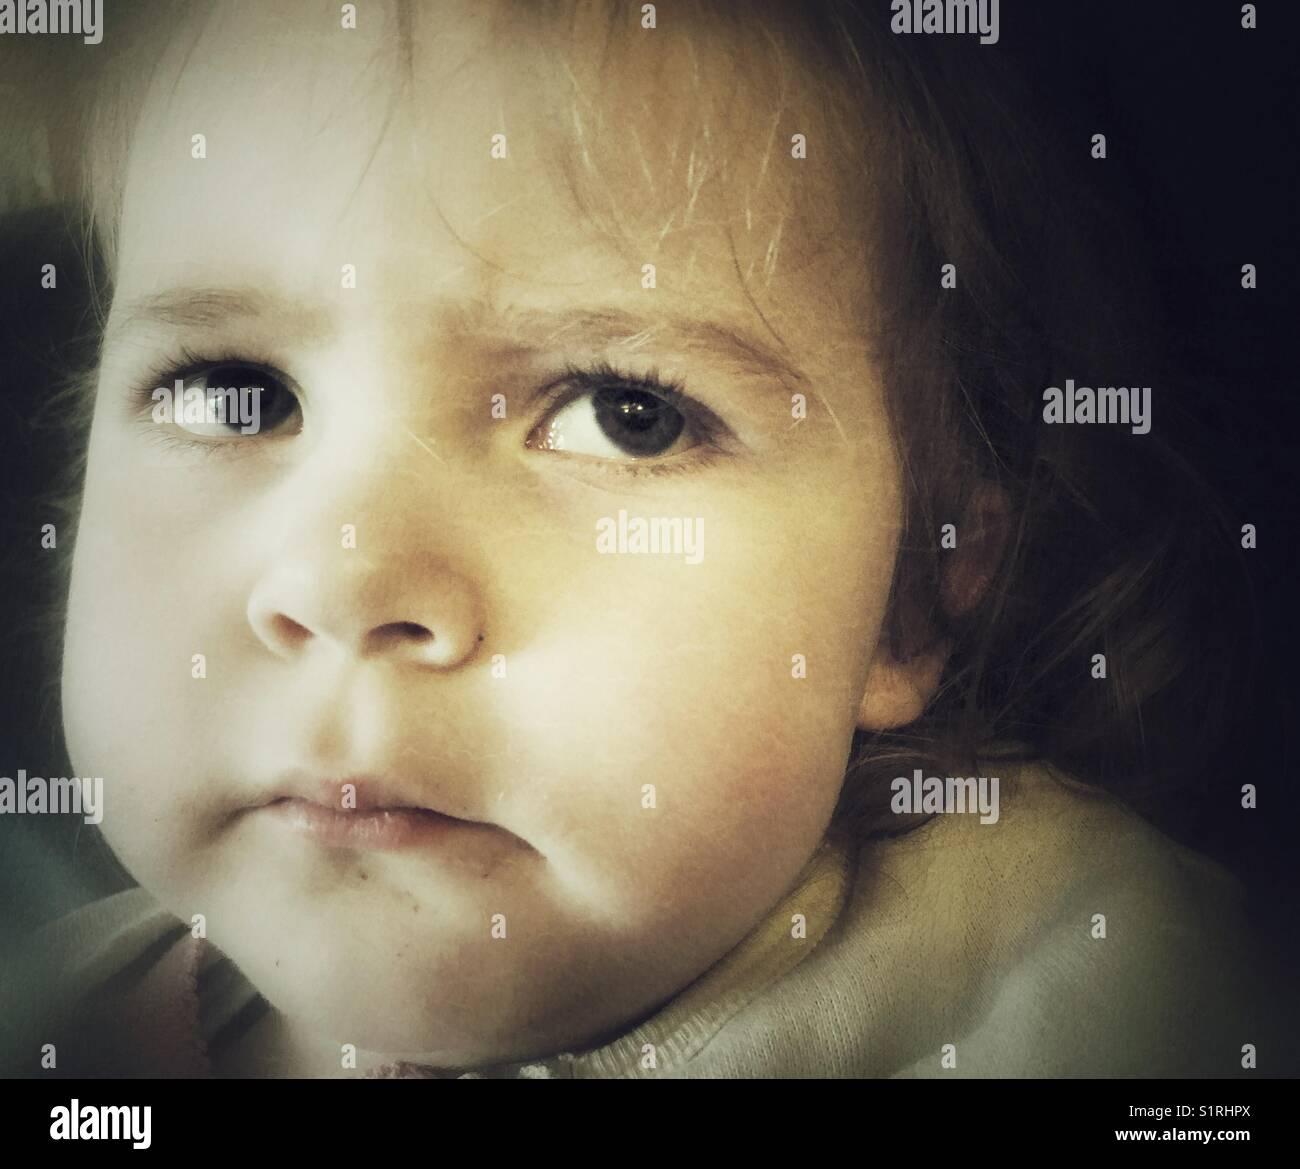 Moody closeup de niño niña cara con expresión temerosa mirando hacia arriba y al lado Foto de stock